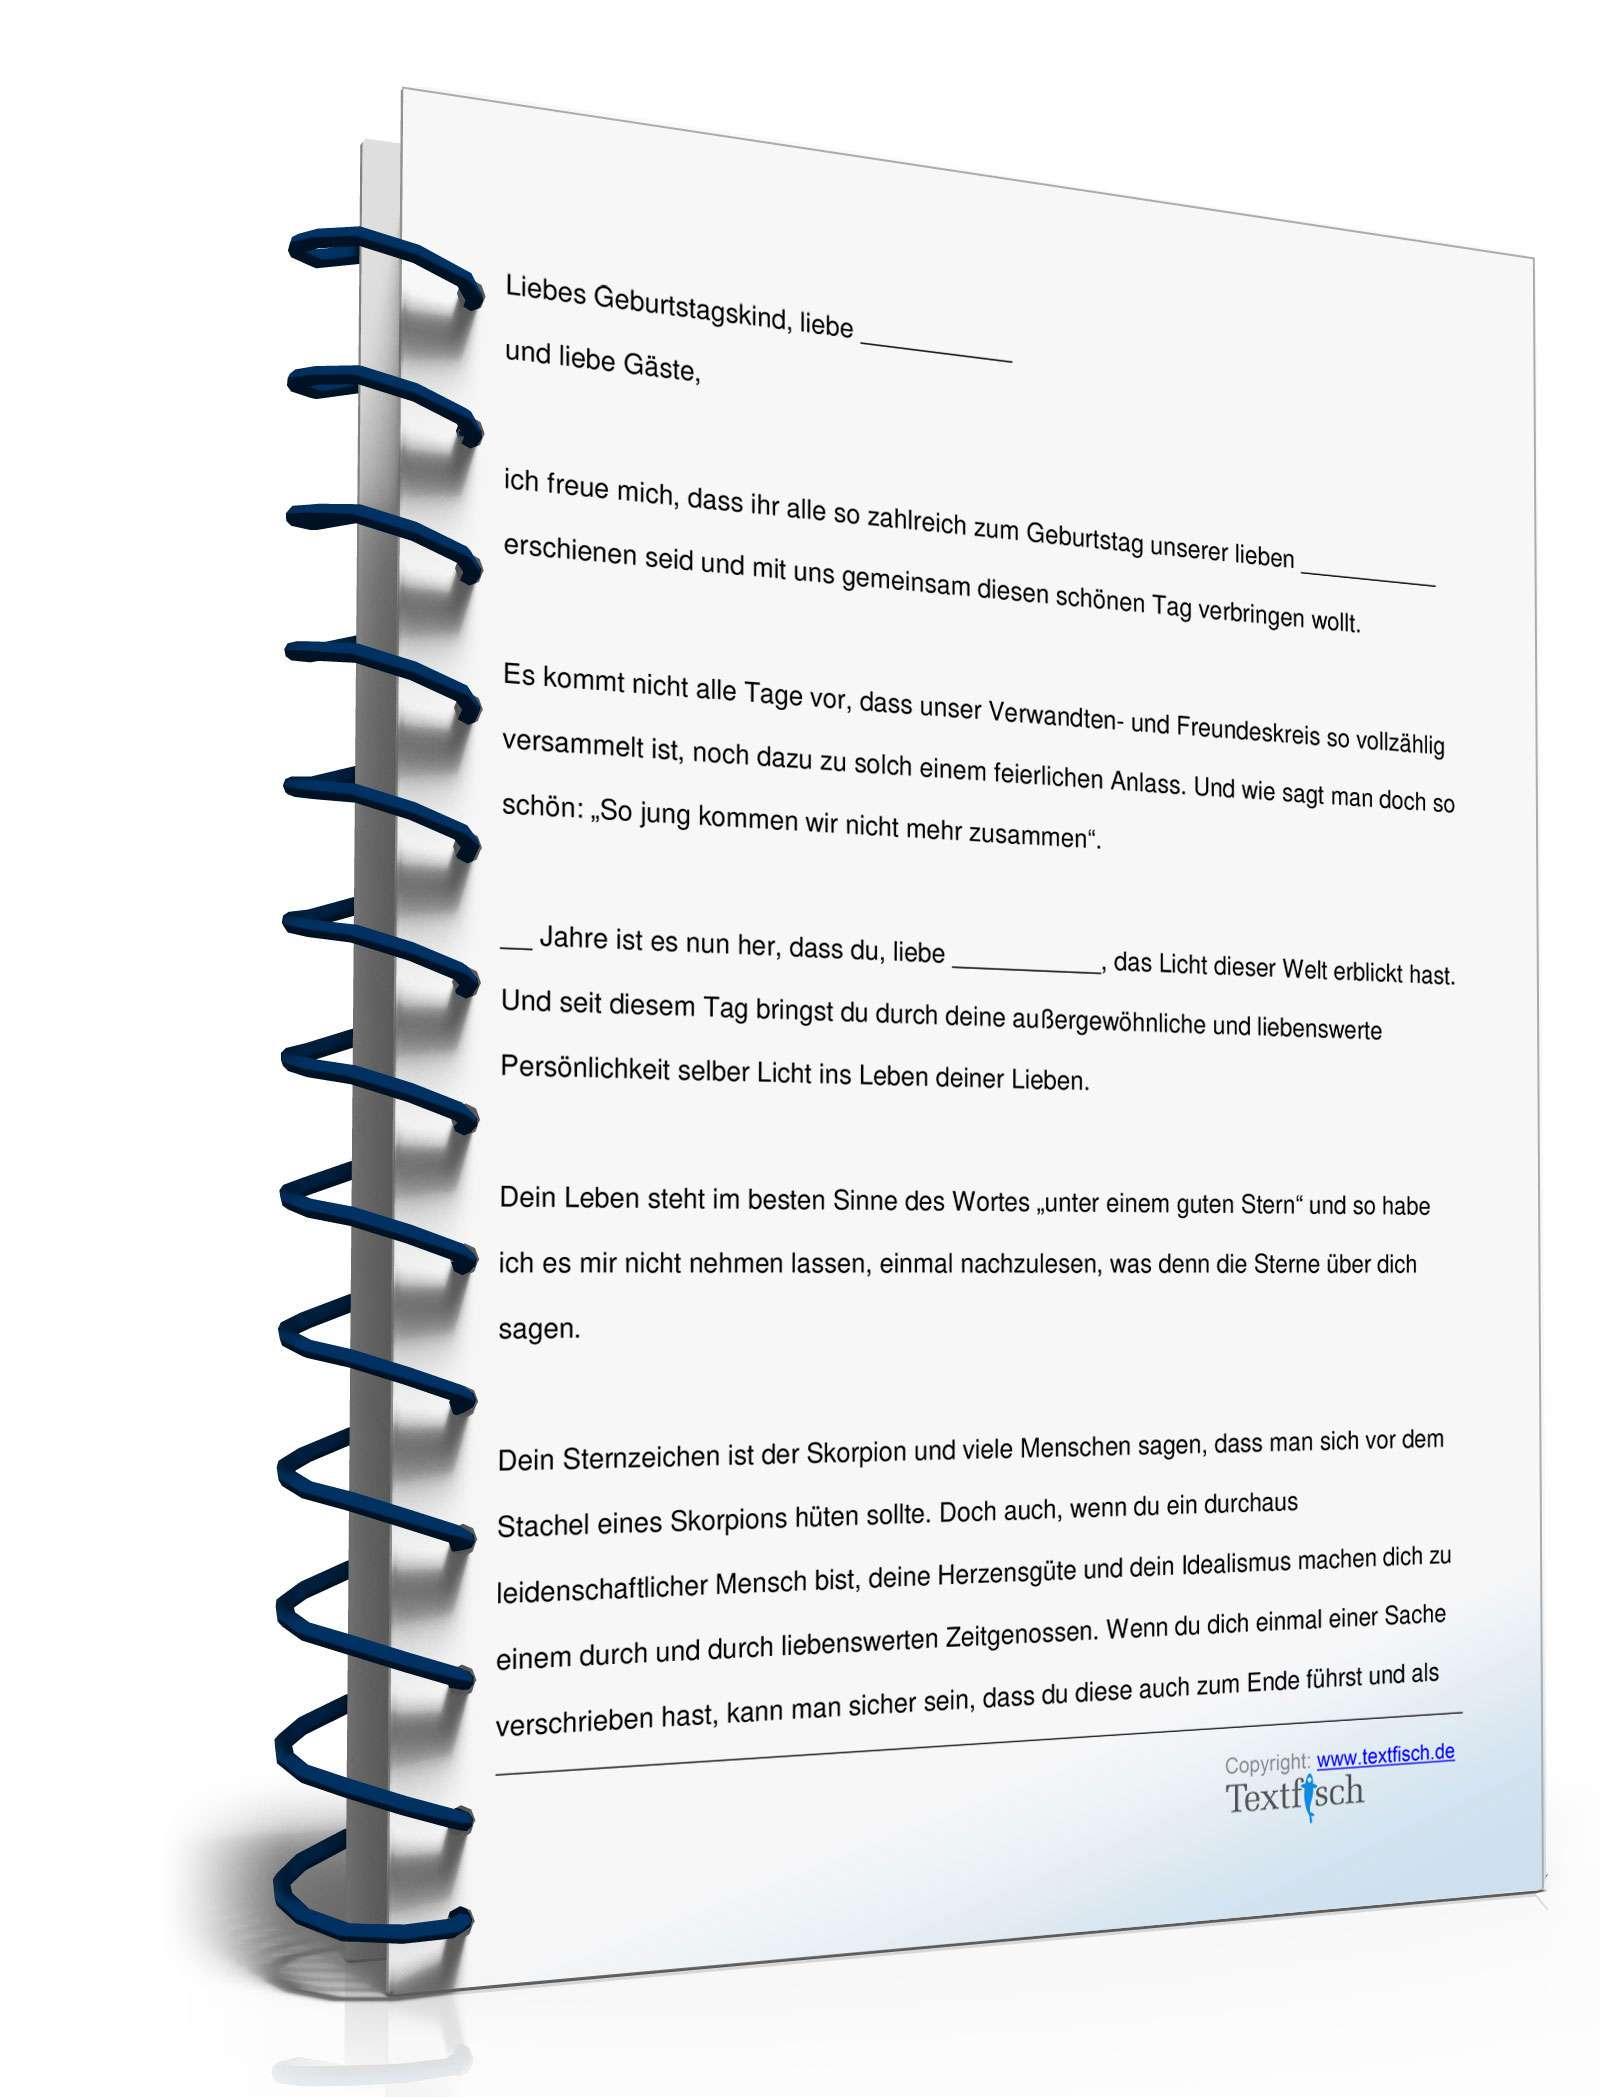 Großzügig Papierkastenschablone Machen Fotos - Entry Level Resume ...